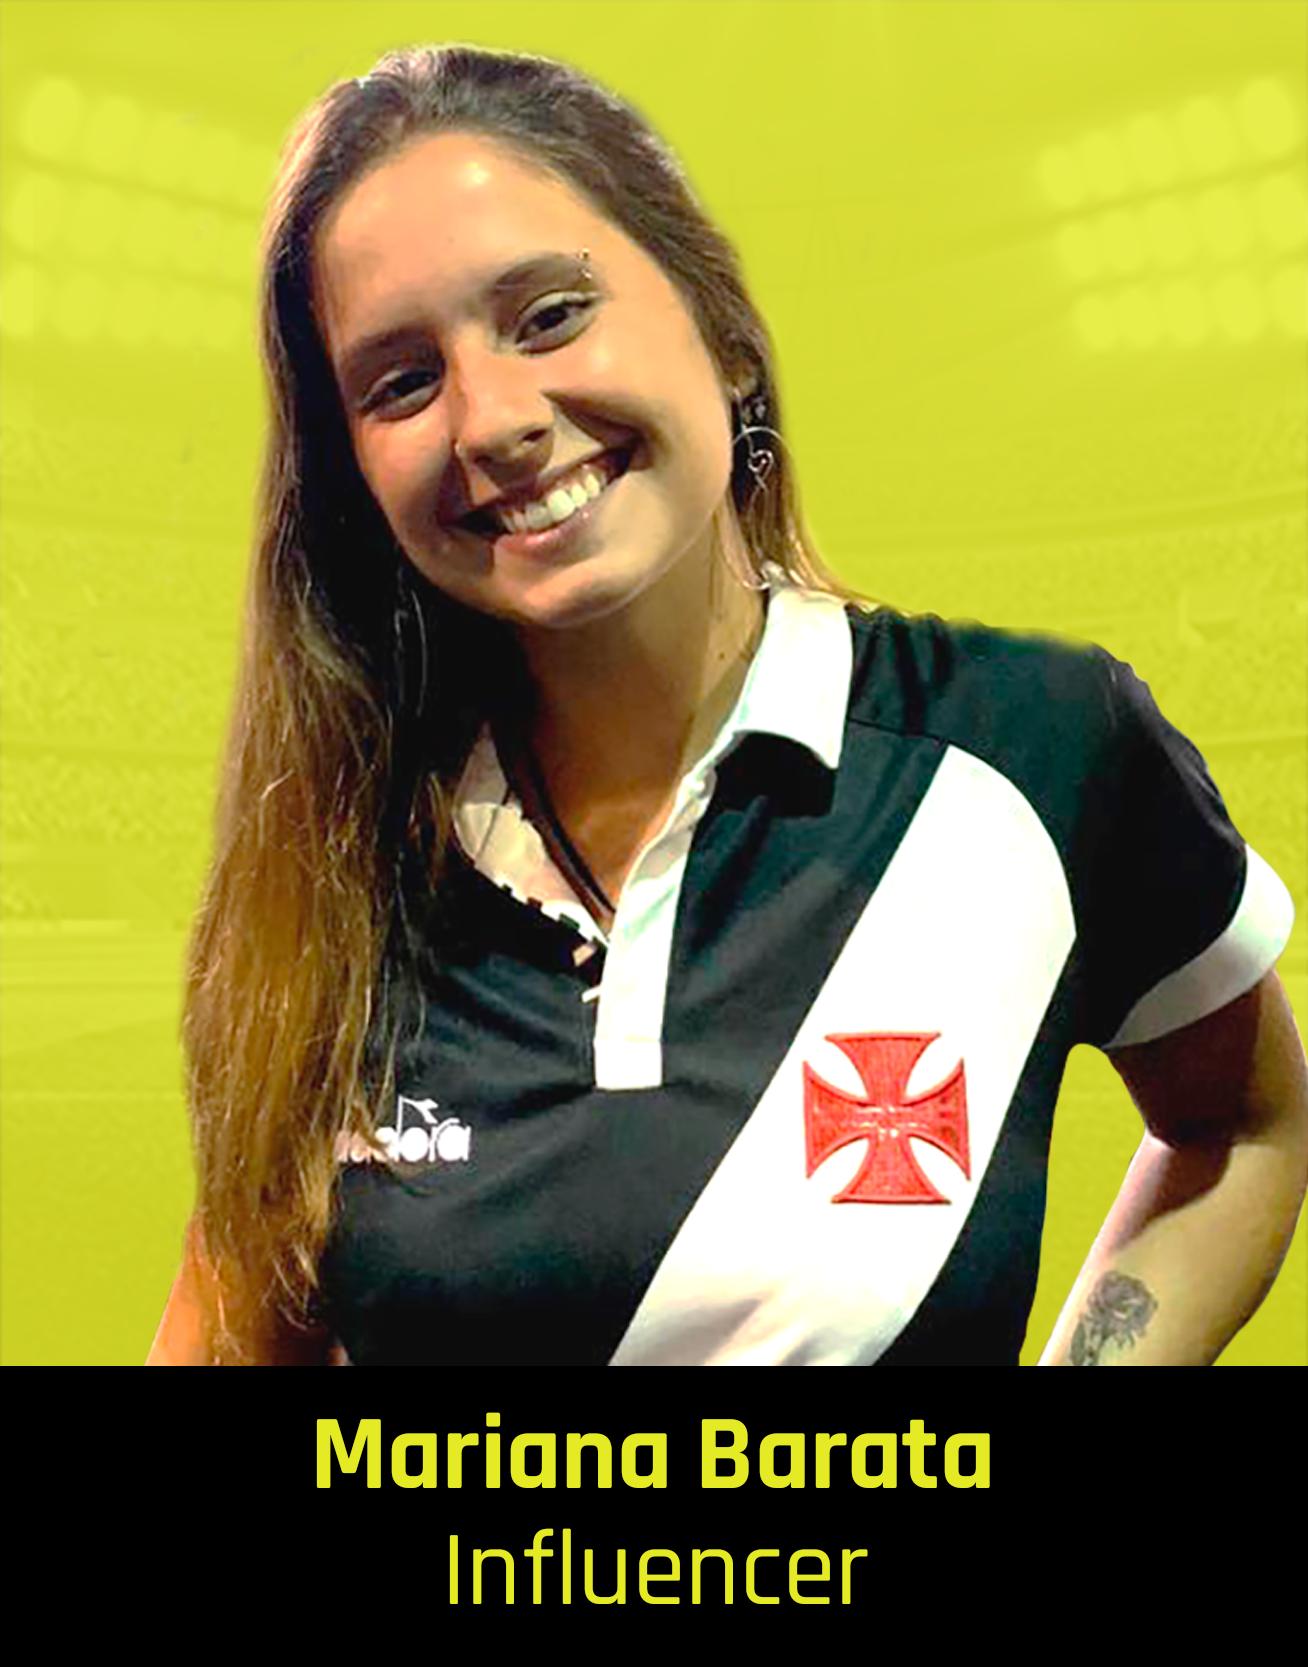 Mariana Barata